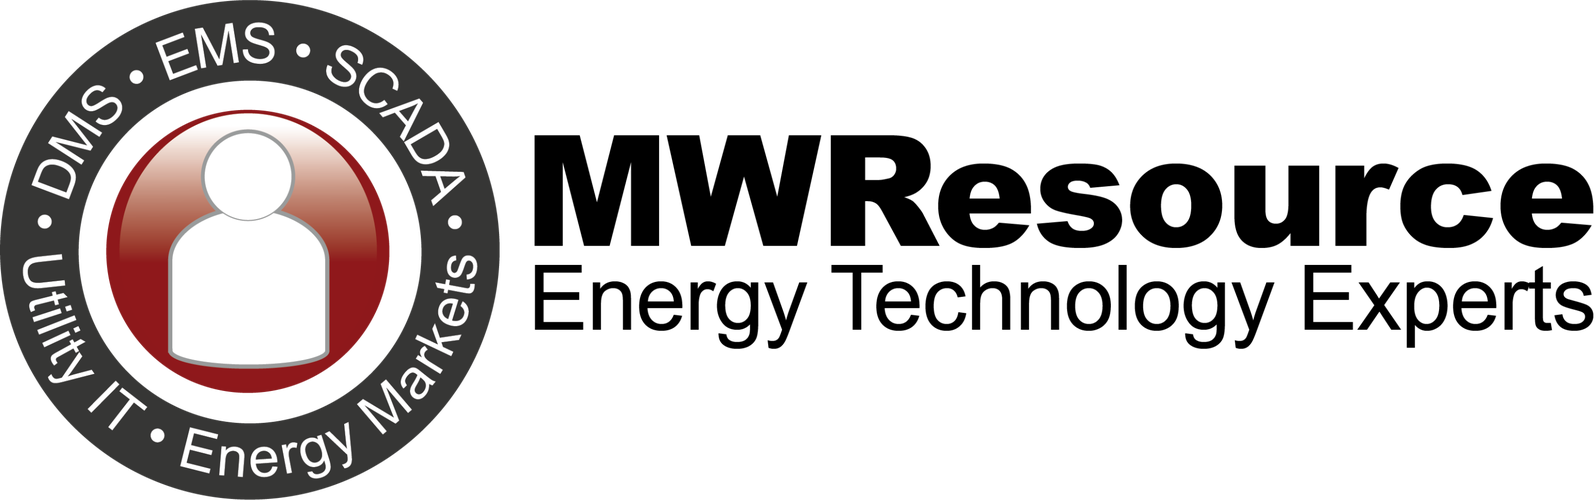 MWResource